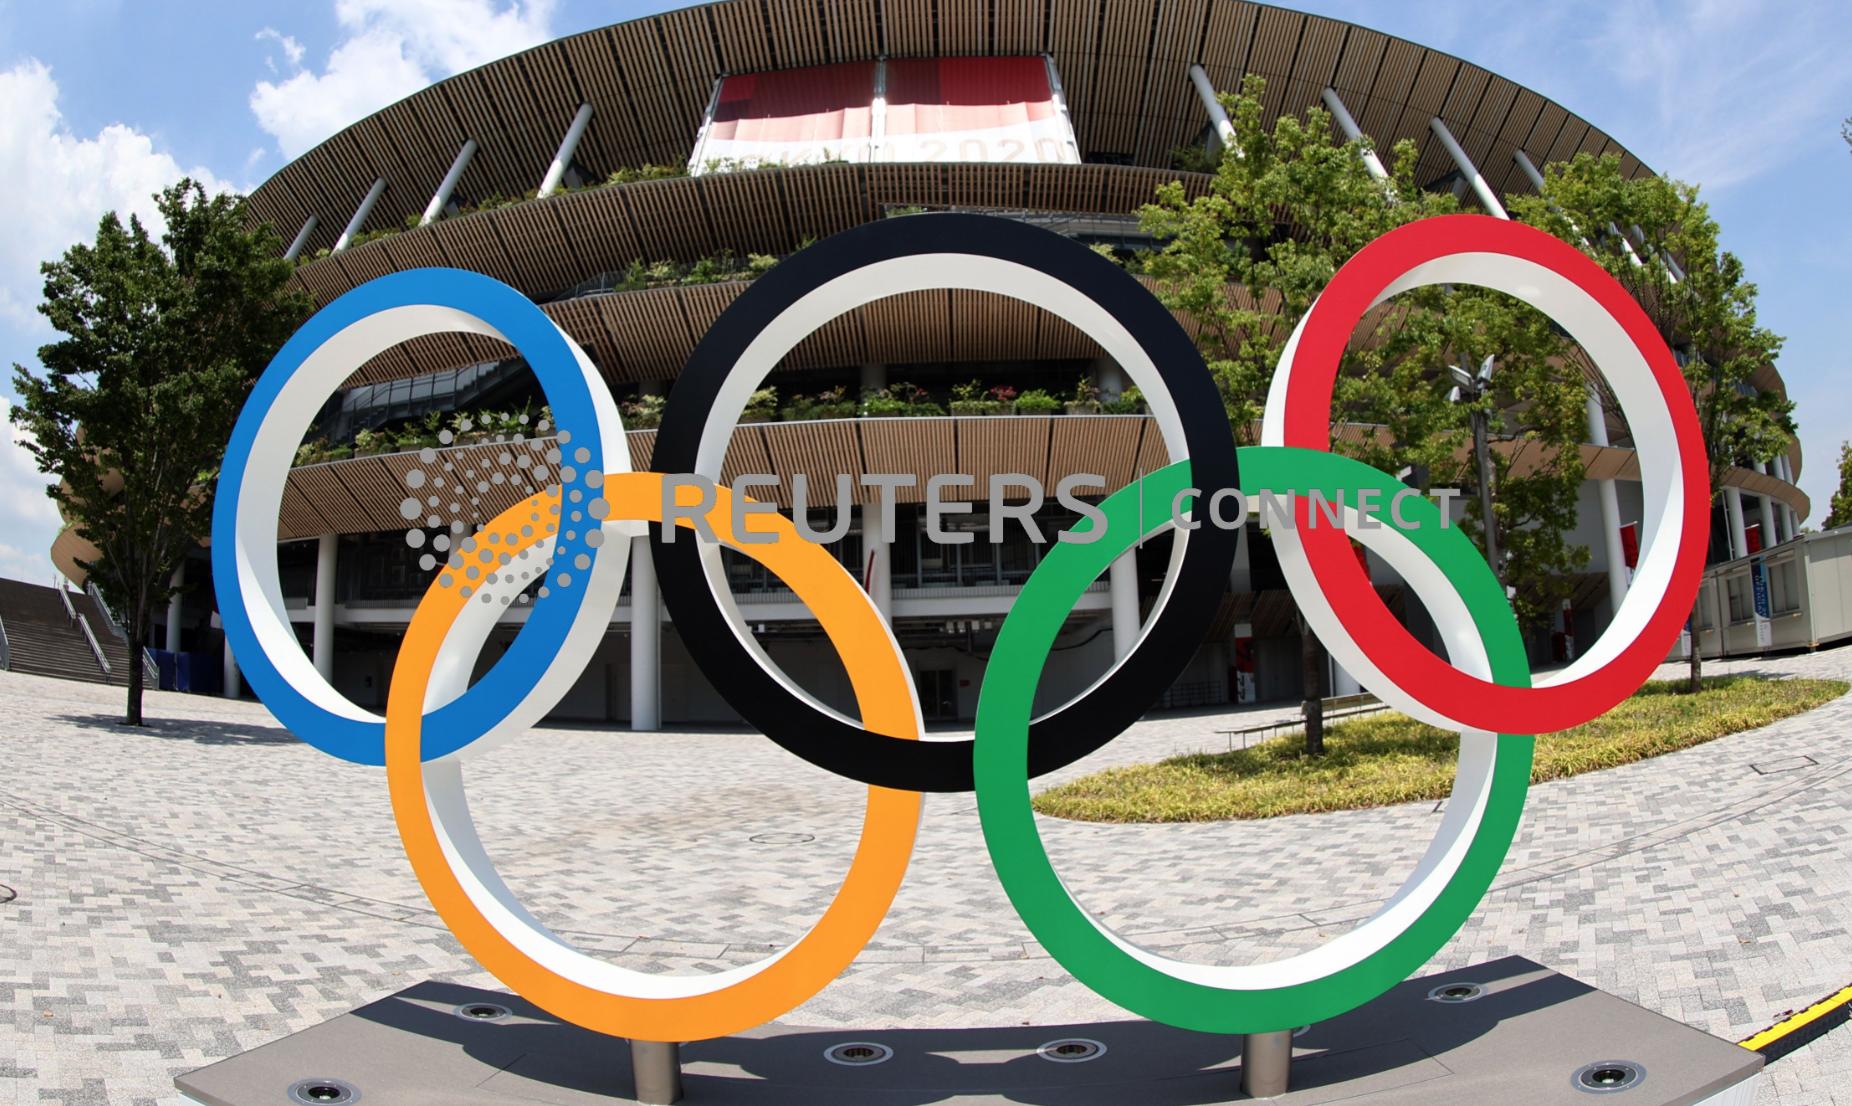 Nhật Bản vẫn chưa loại trừ khả năng hủy bỏ thế vận hội